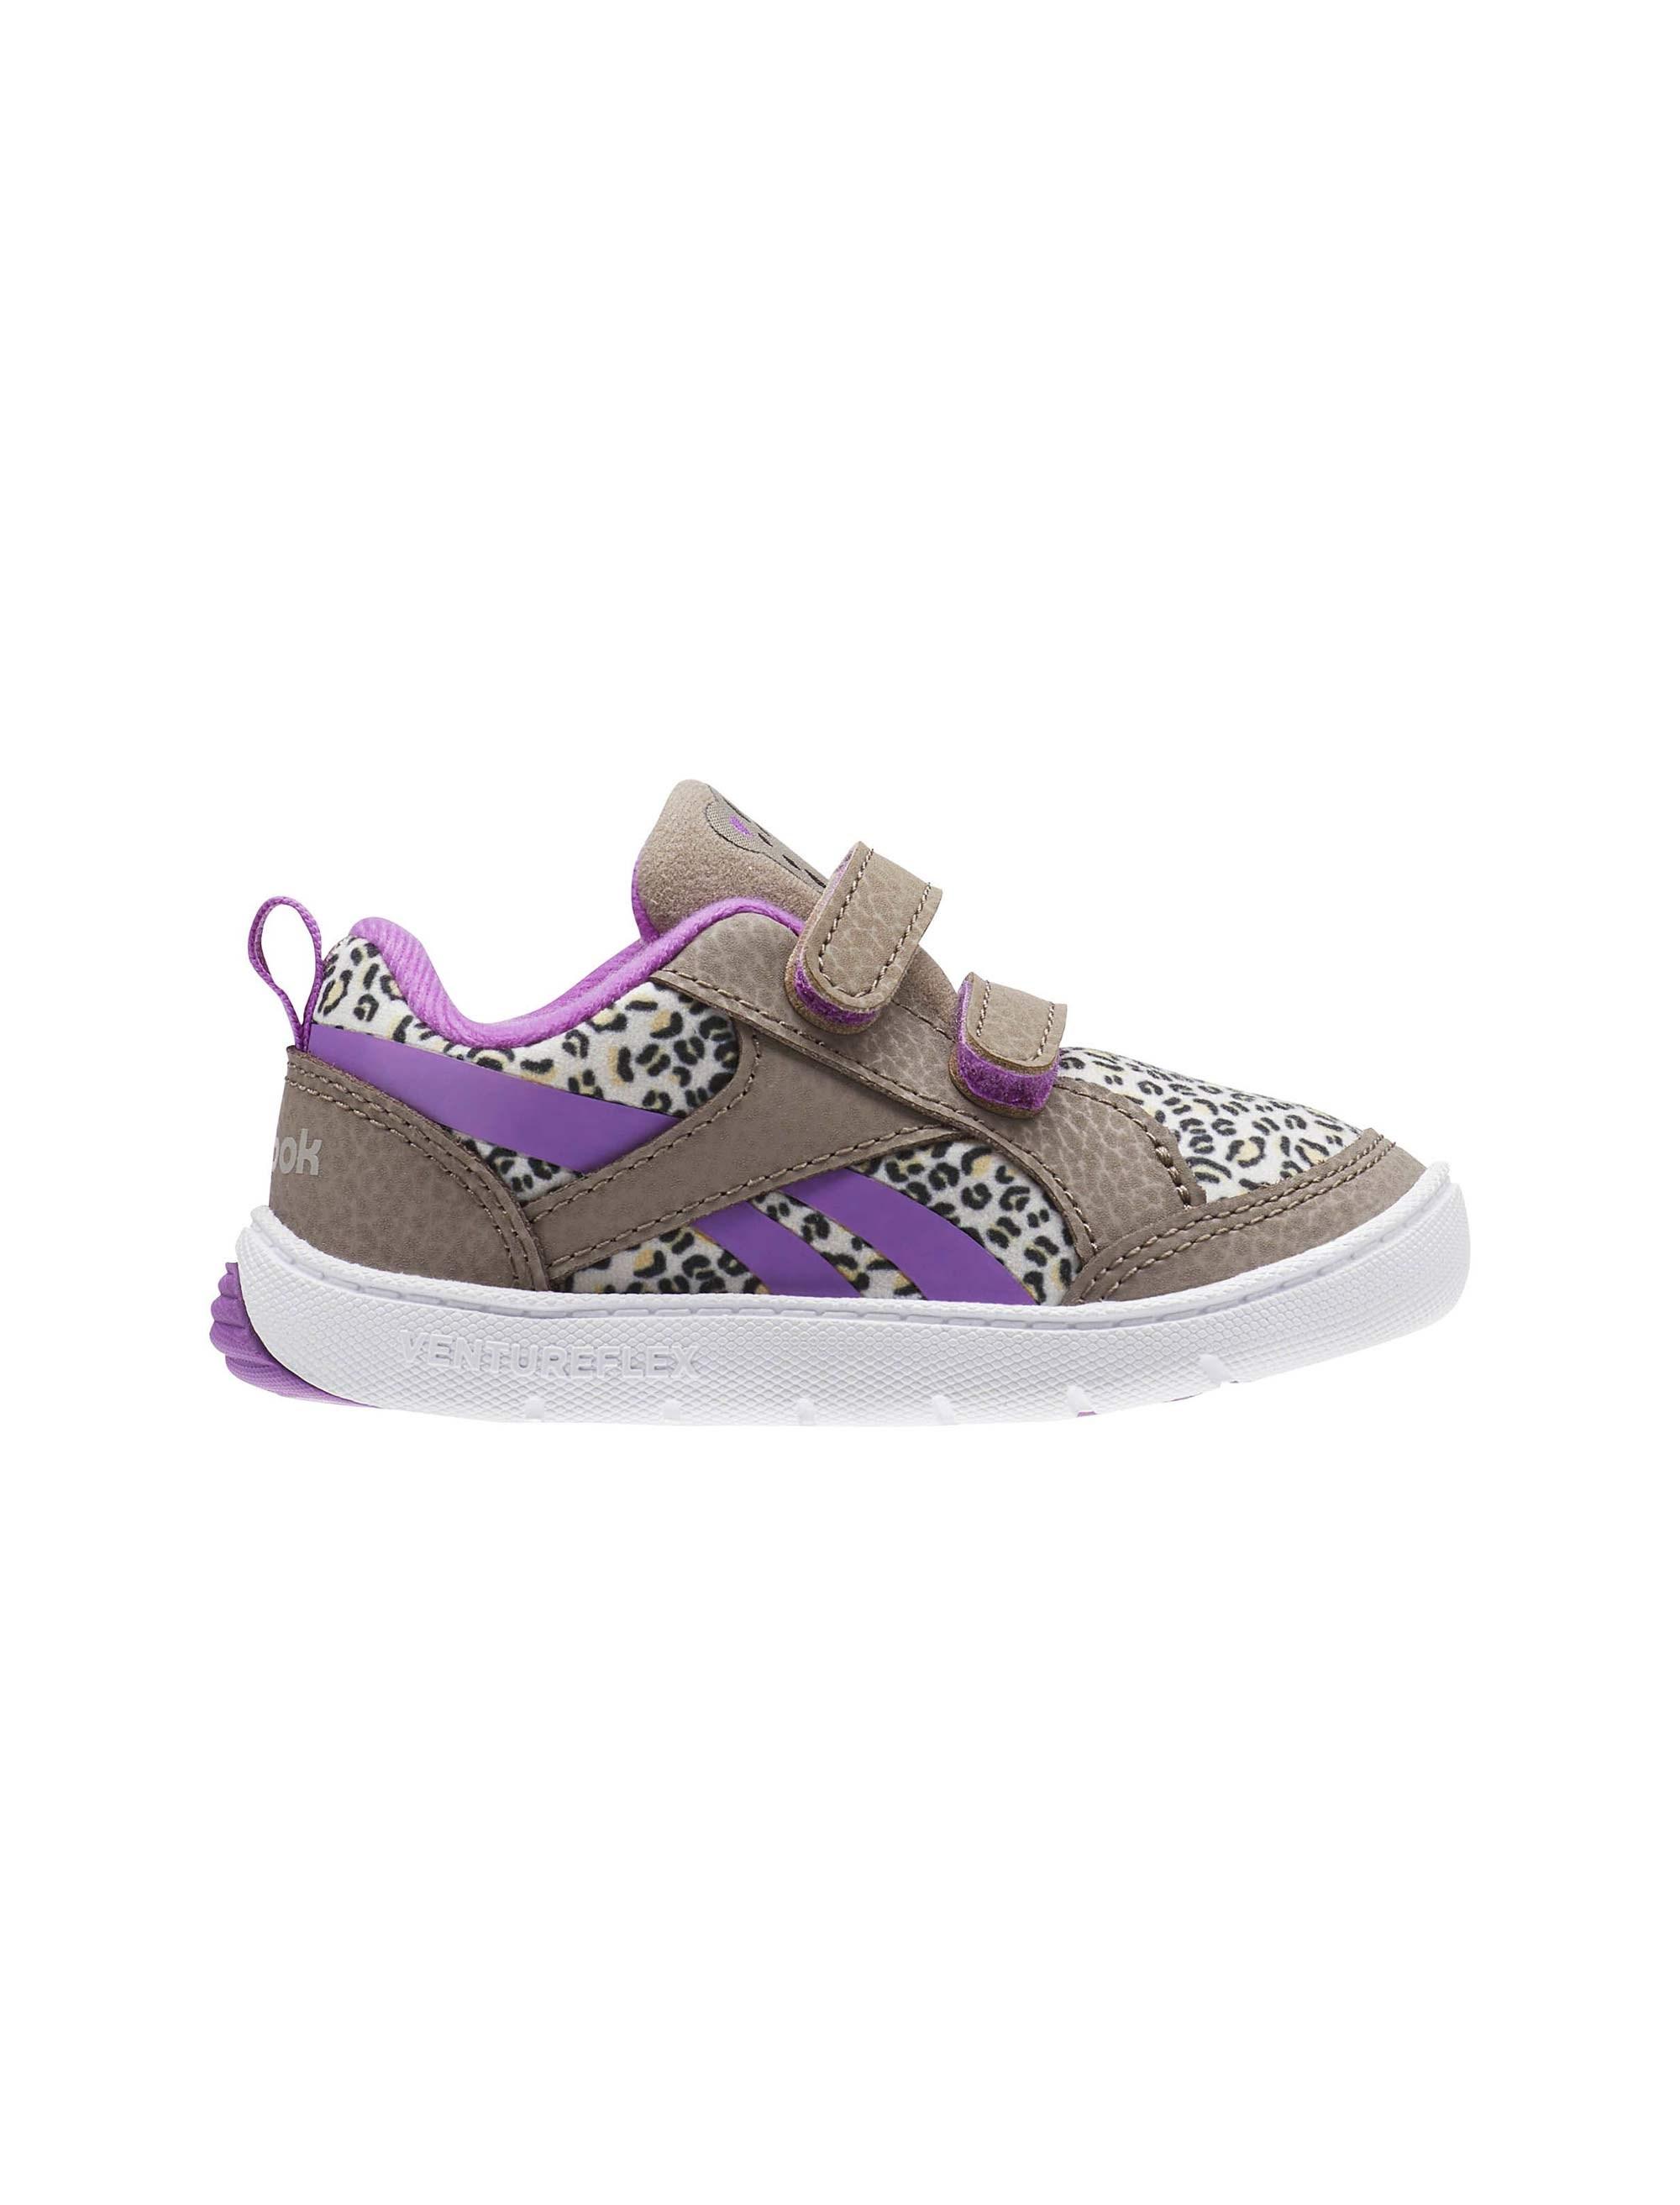 کفش پیاده روی چسبی نوزادی Ventureflex Critter Feet